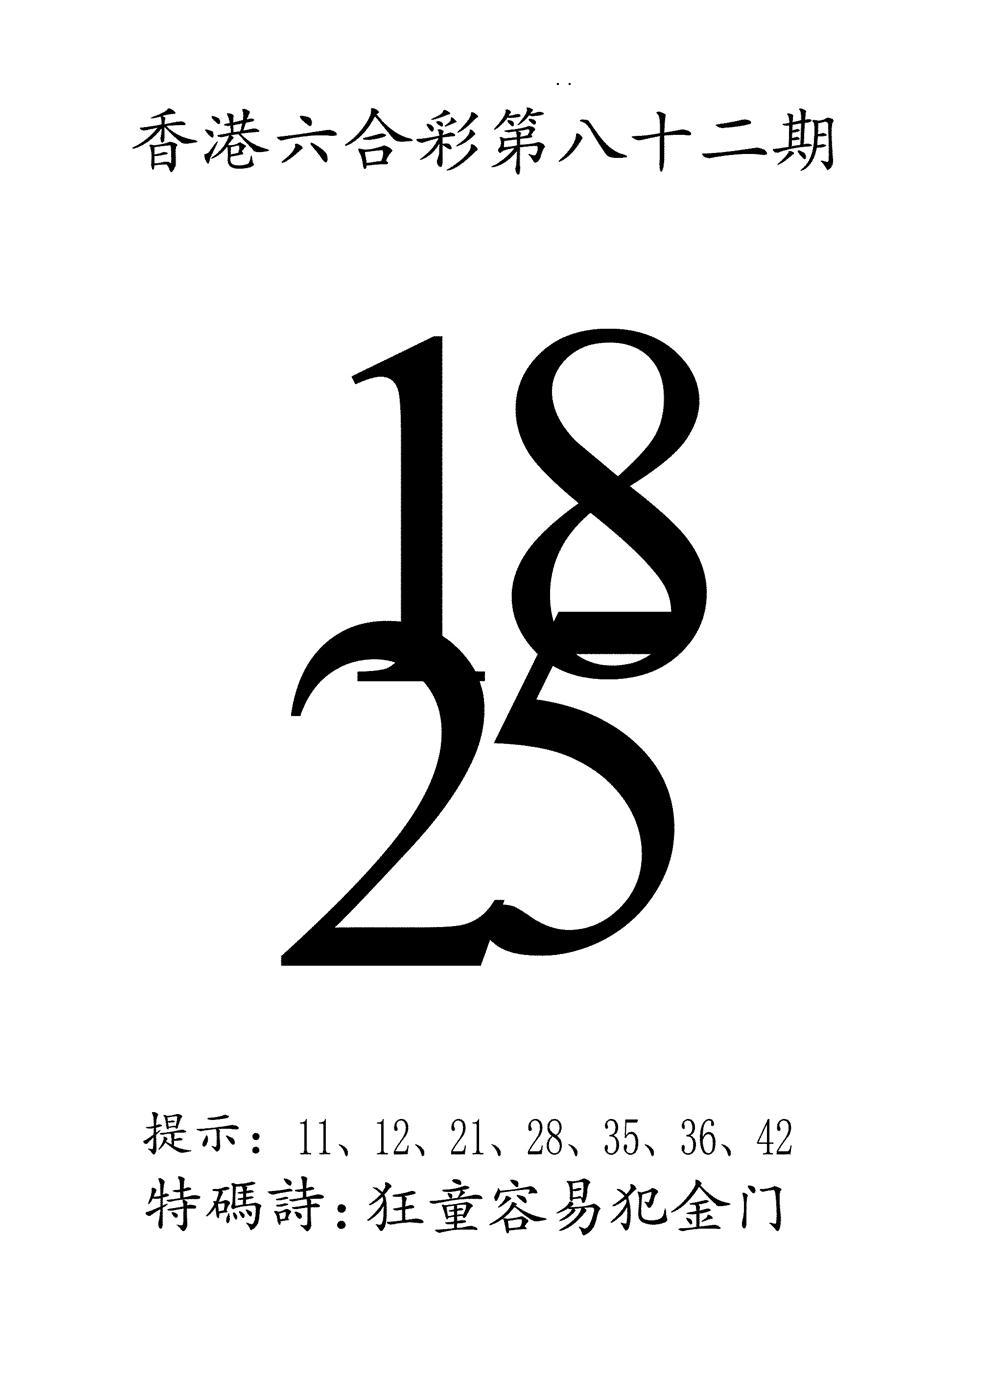 082期澳门三合王B(黑白)